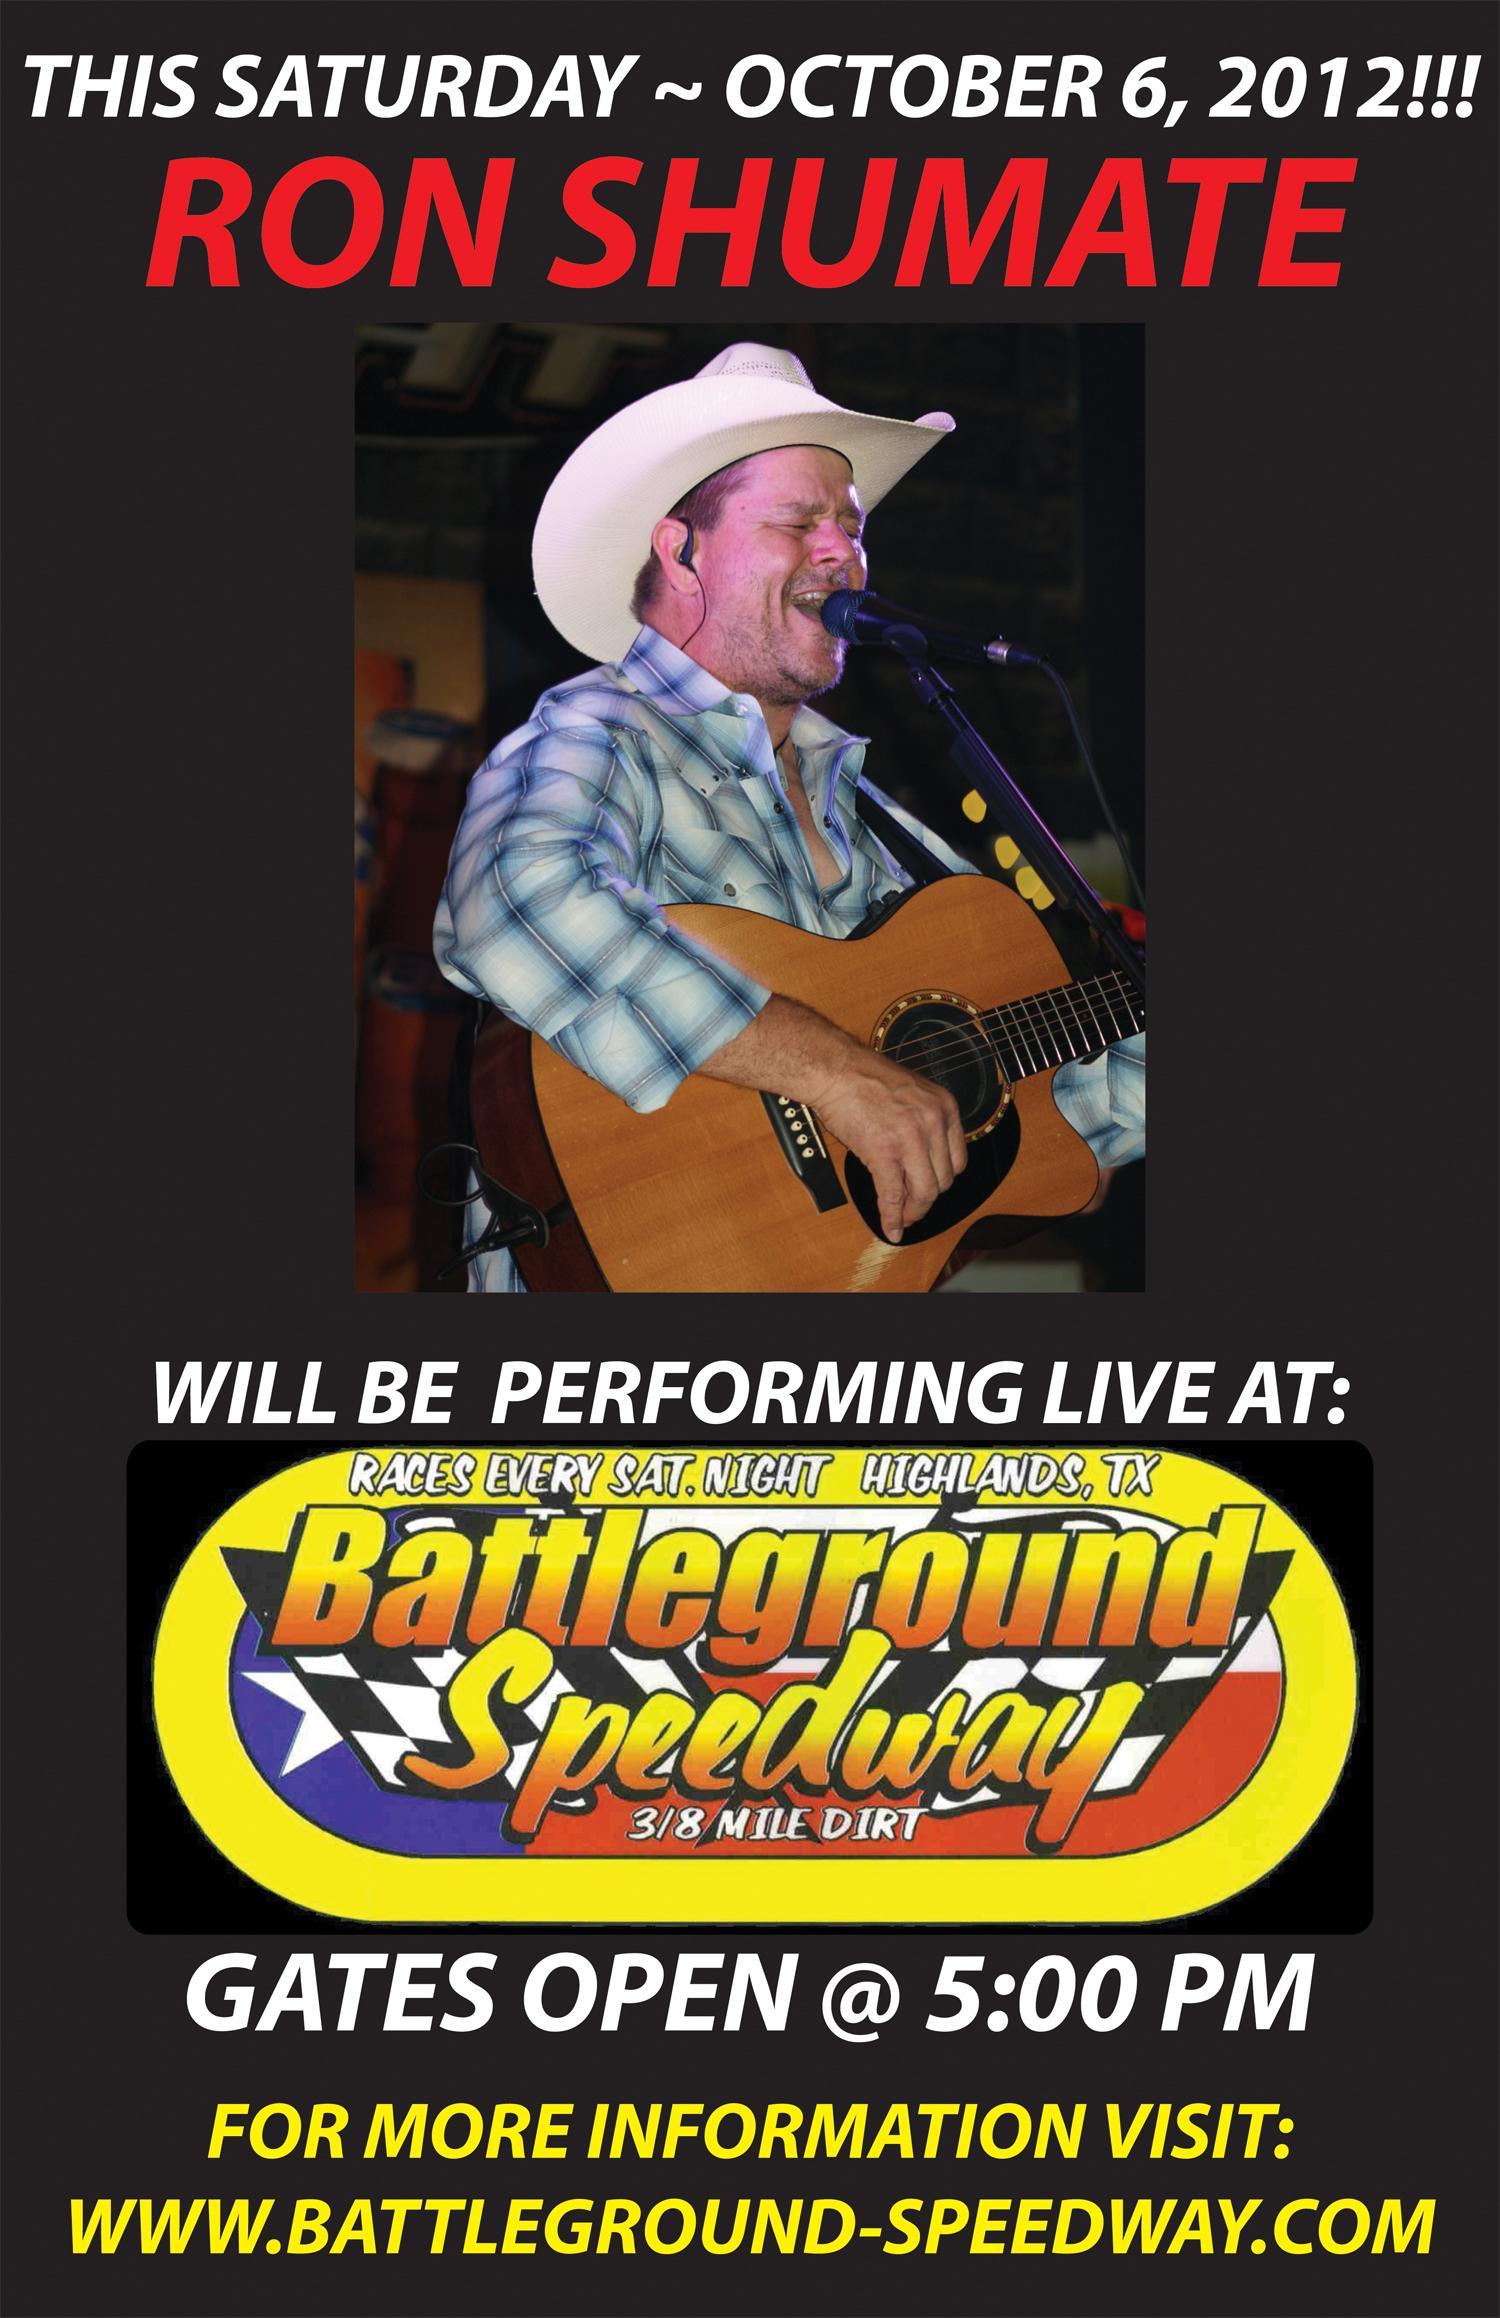 Battleground Speedway 10-6-2012.jpg